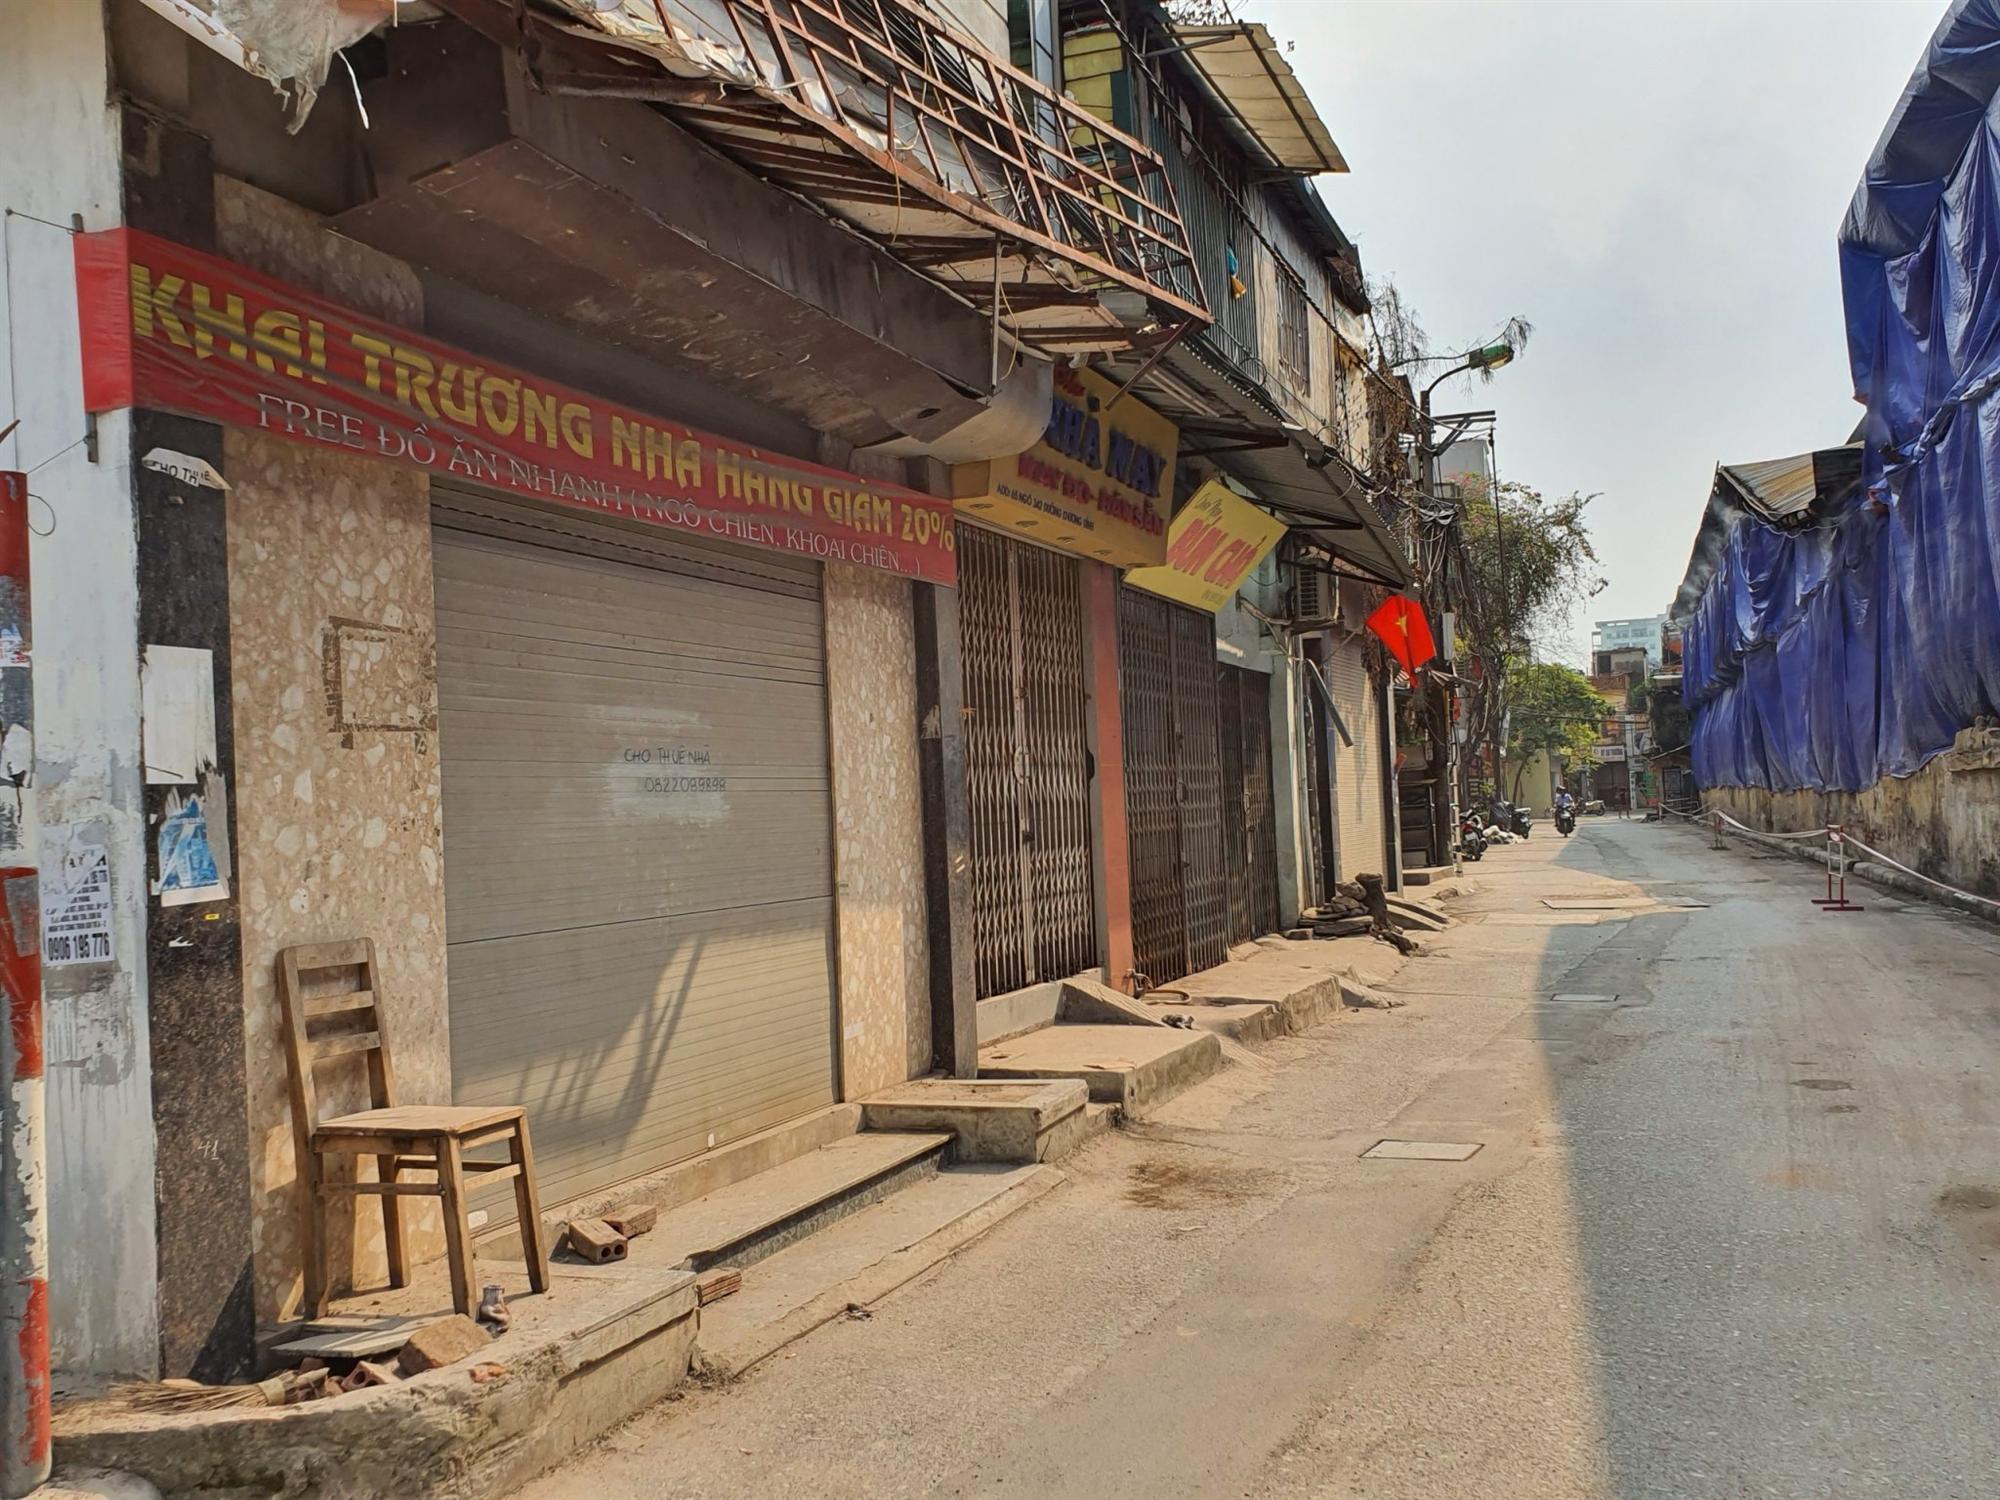 Hàng quán đóng cửa sang nhượng, dân quanh khu Rạng Đông thi nhau bán nhà-4